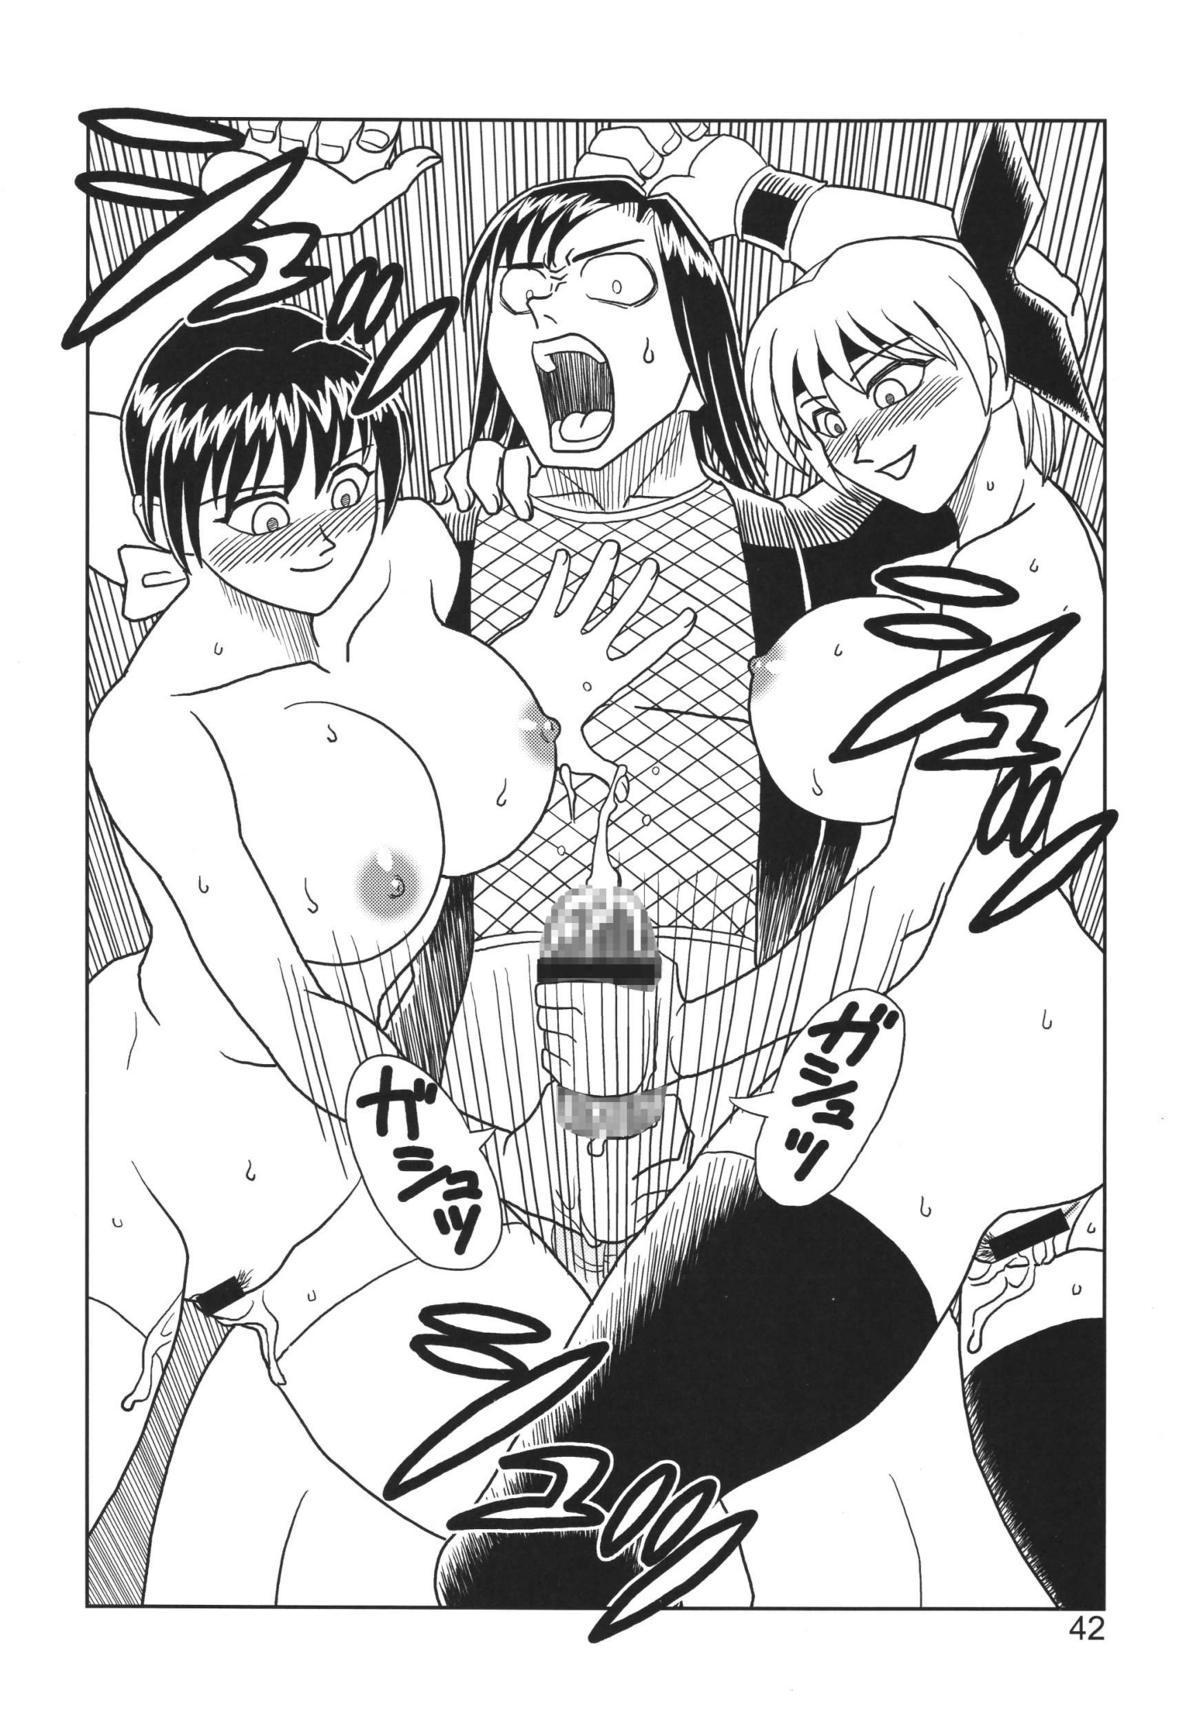 Kasumi or Ayane 41